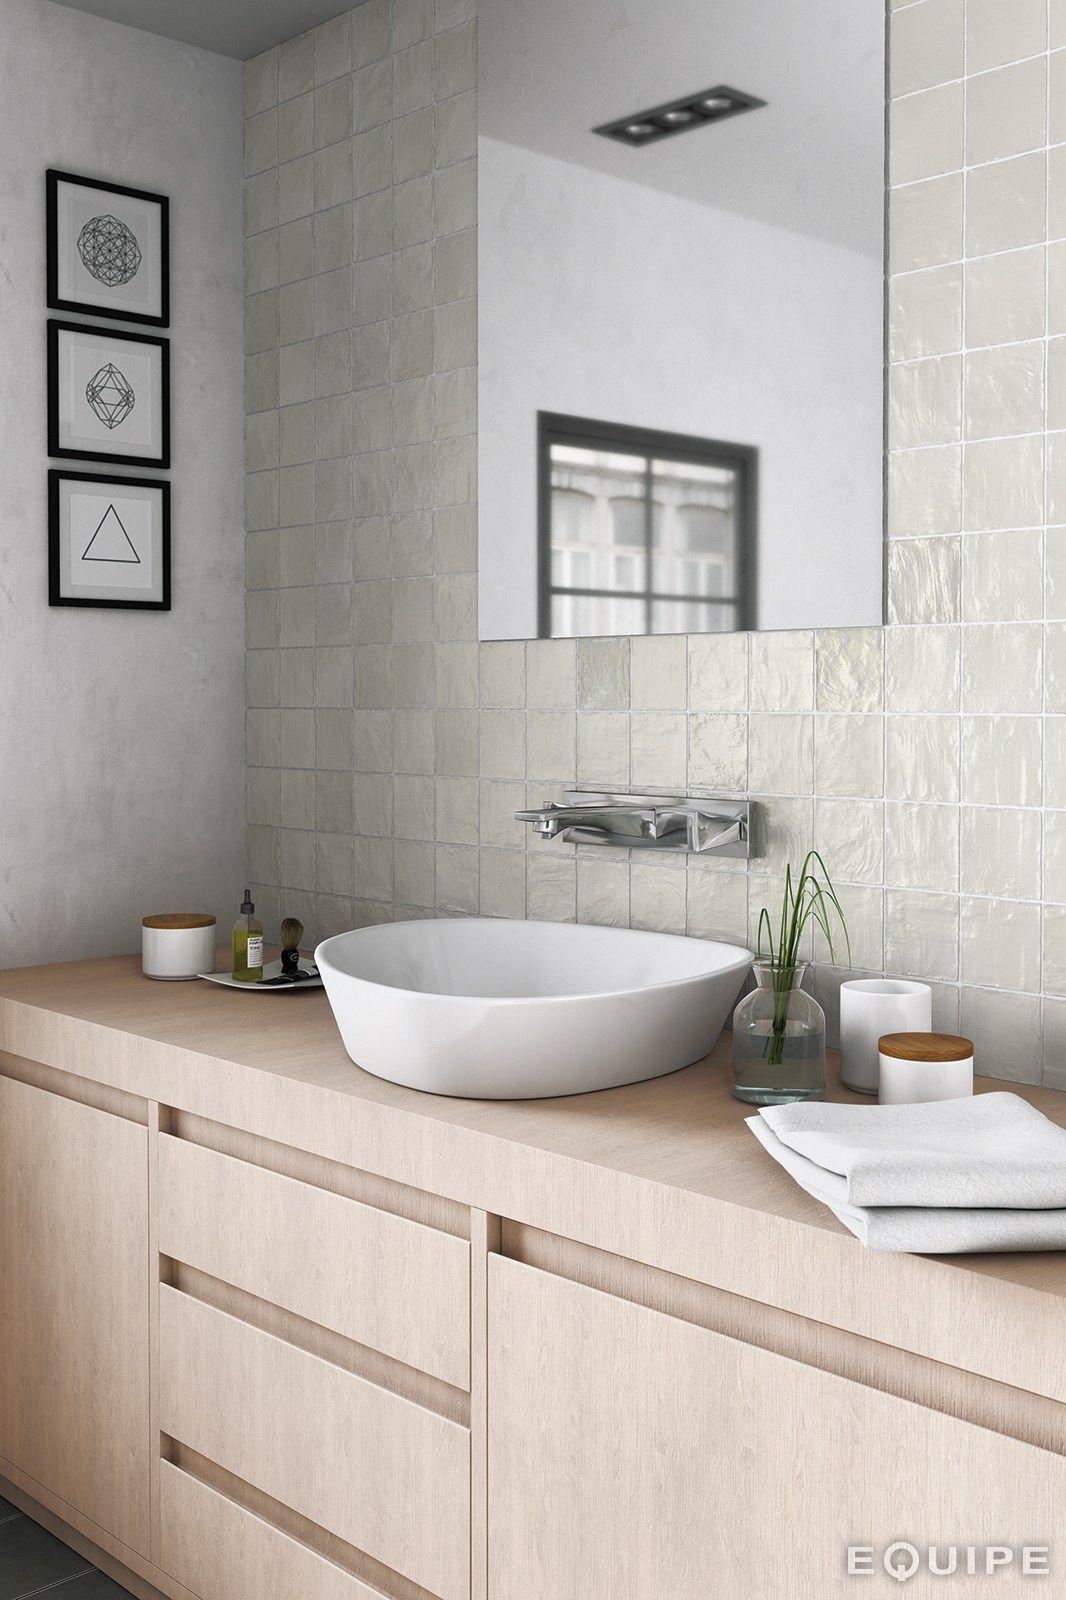 Mallorca Wall Tiles By Equipe Ceramicas Bathroom Layout Bathroom Renovations Bathroom Wall Tile